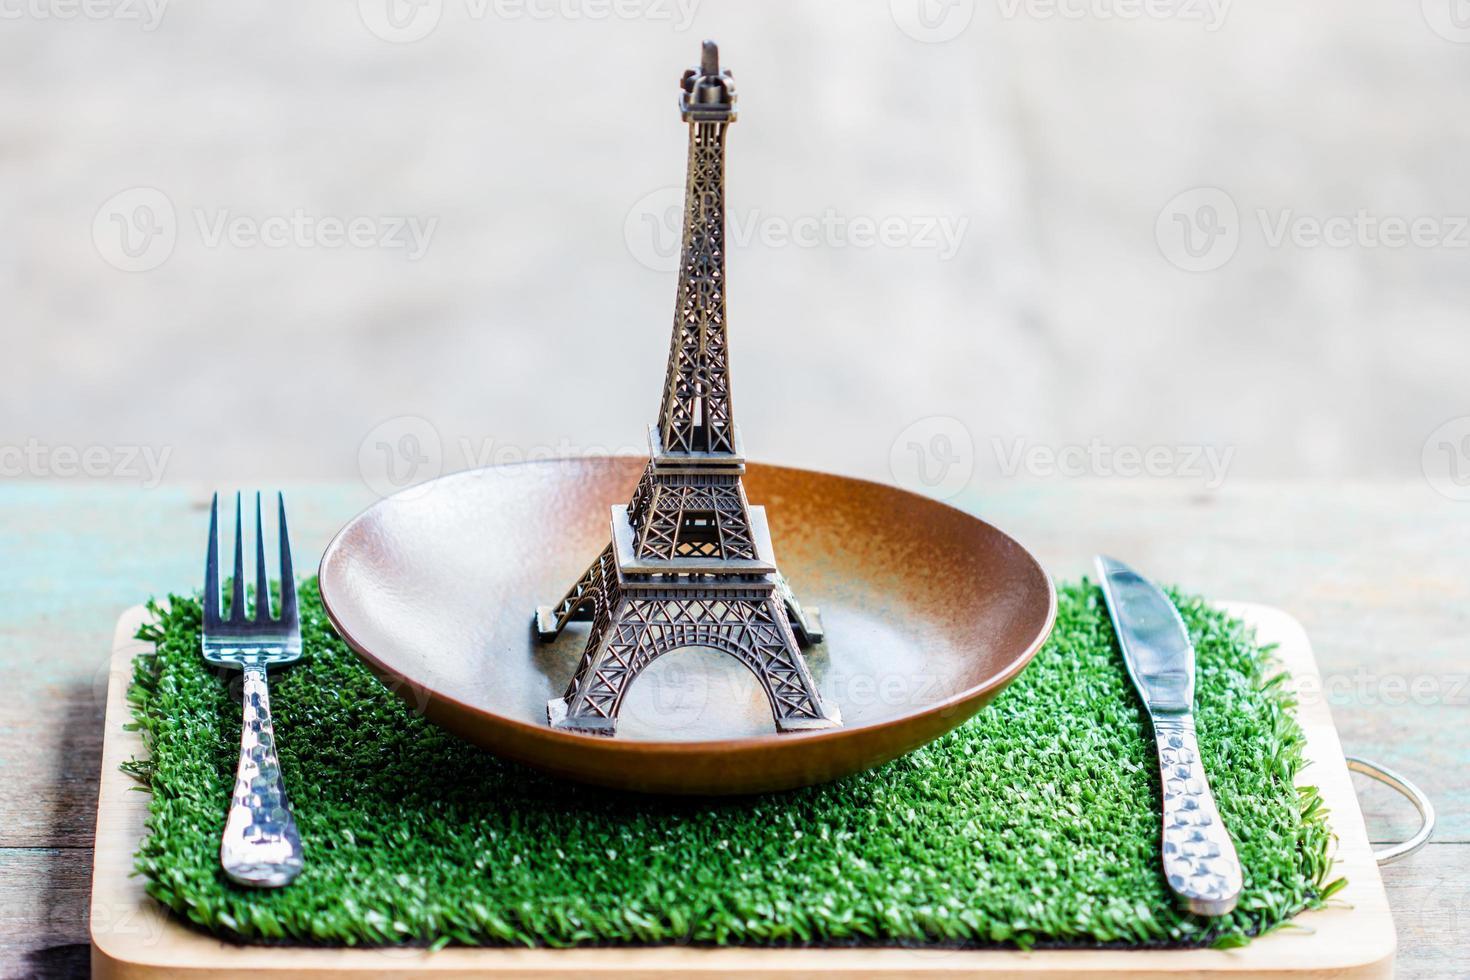 modelo eiffel na configuração da tabela de prato, garfo, faca. foto